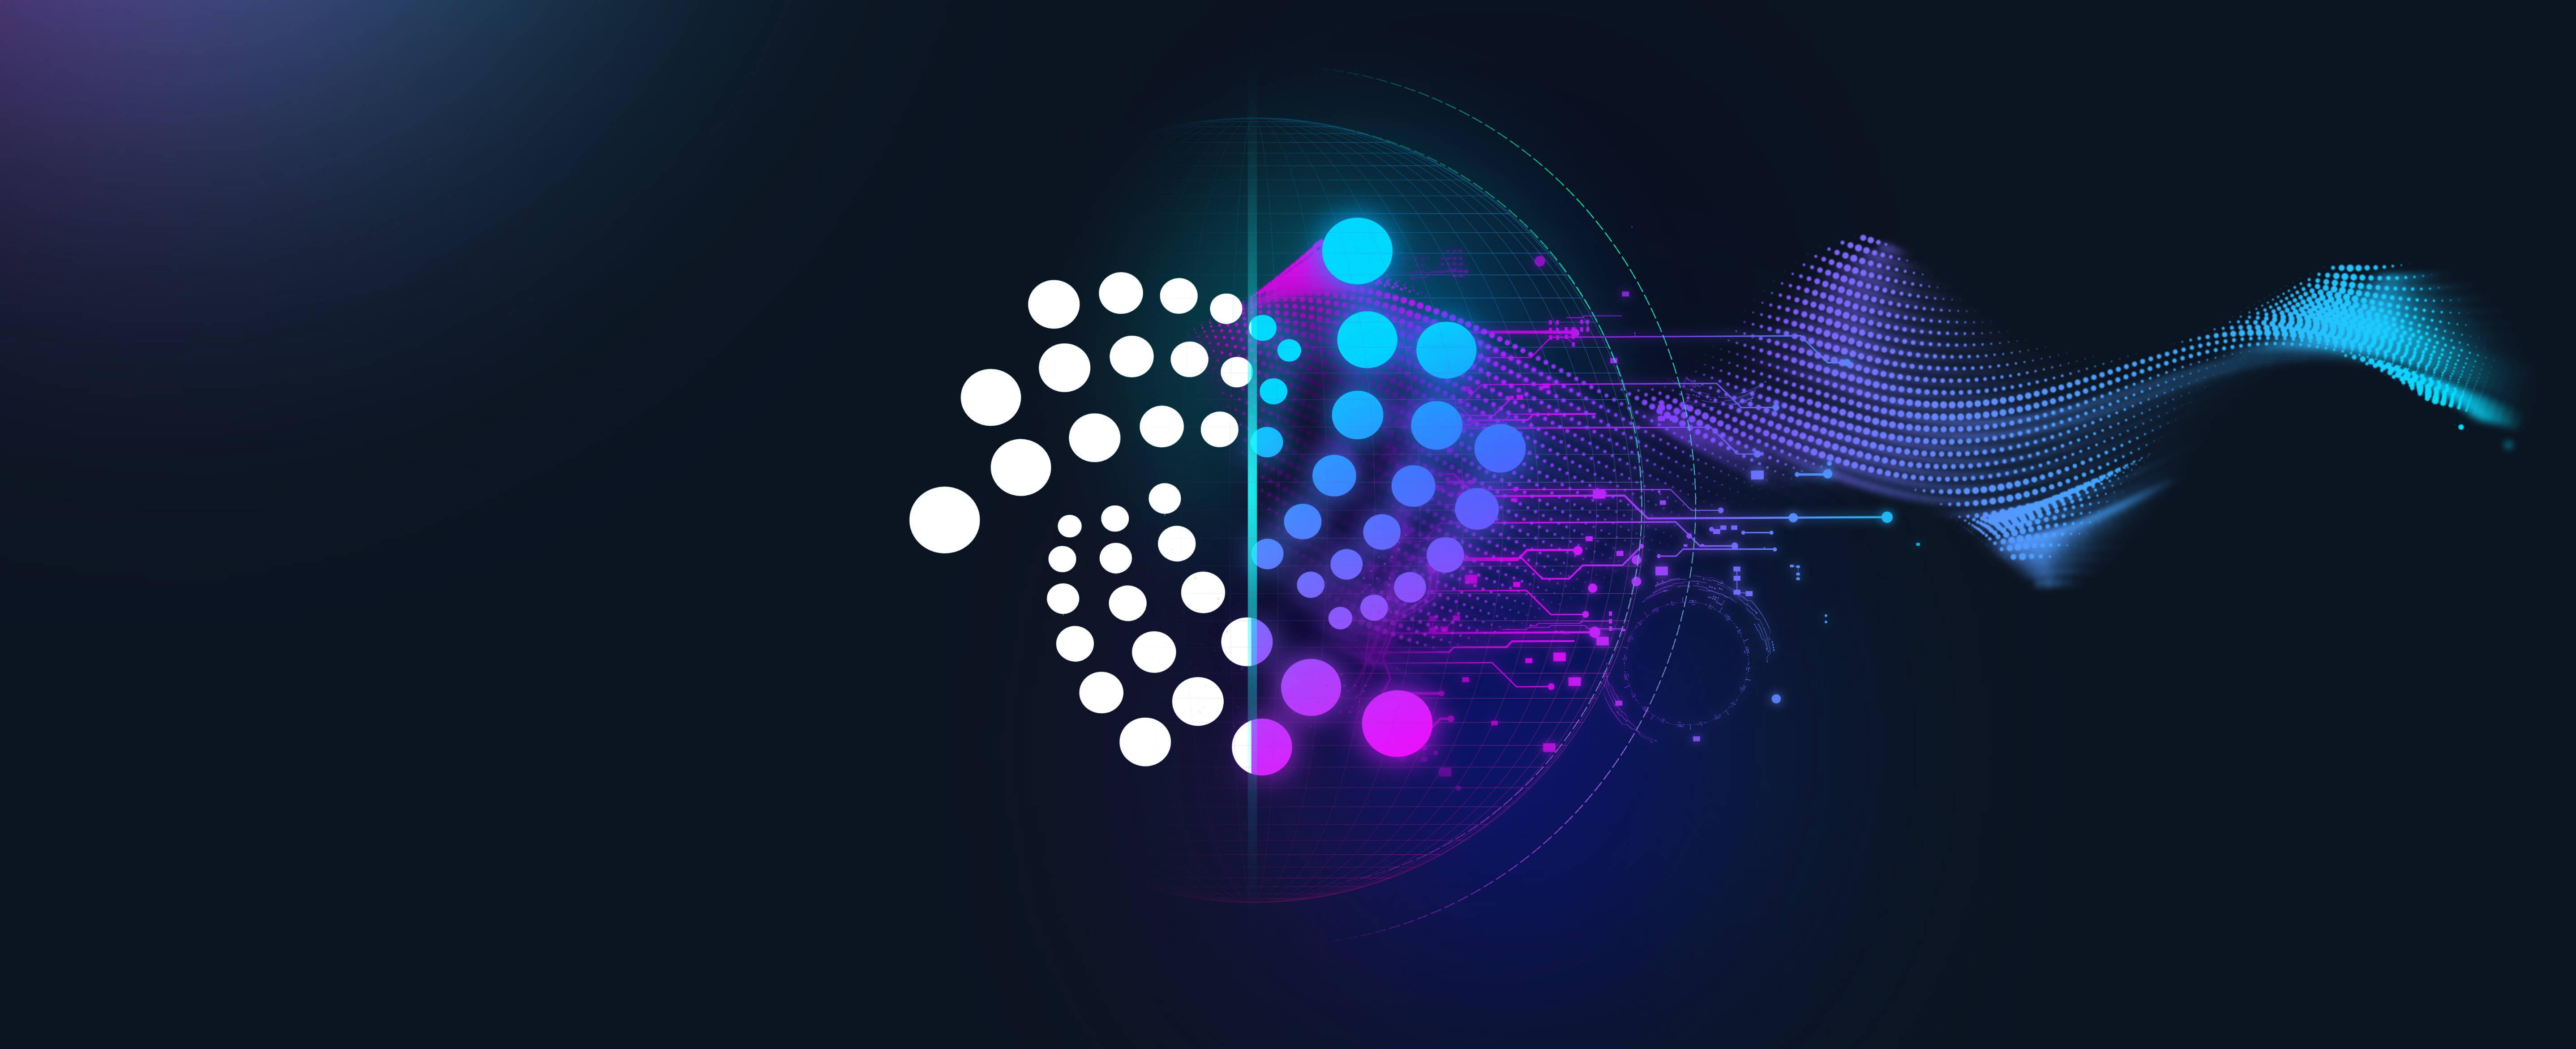 IOTA与微软、富士通(Fujitsu)等公司合作,进行物联网数据货币化